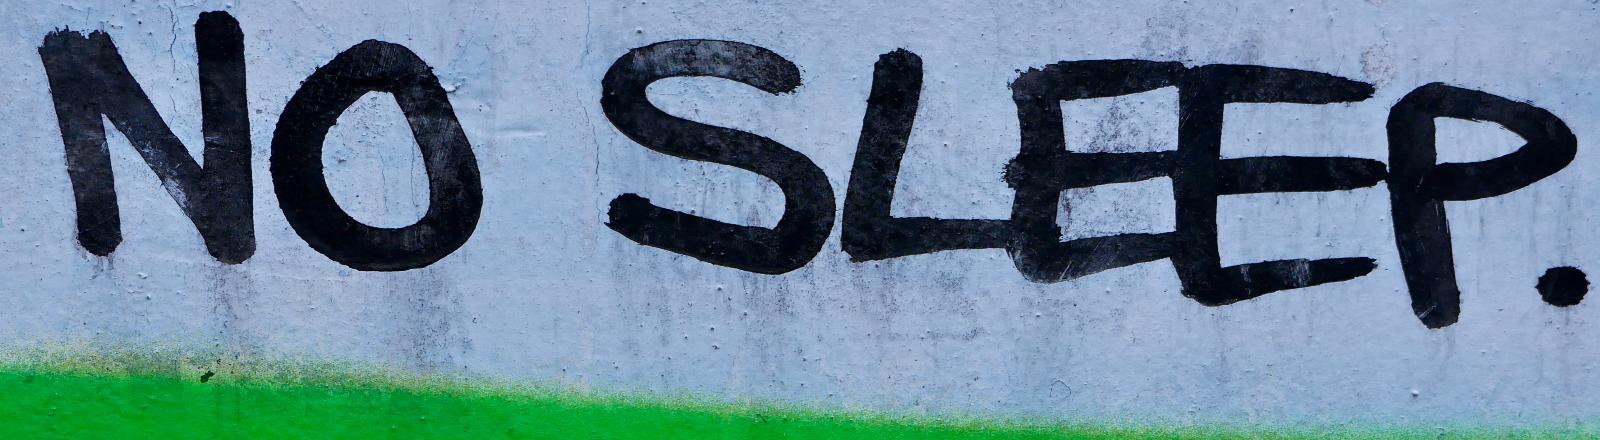 Eine Graffitischrift